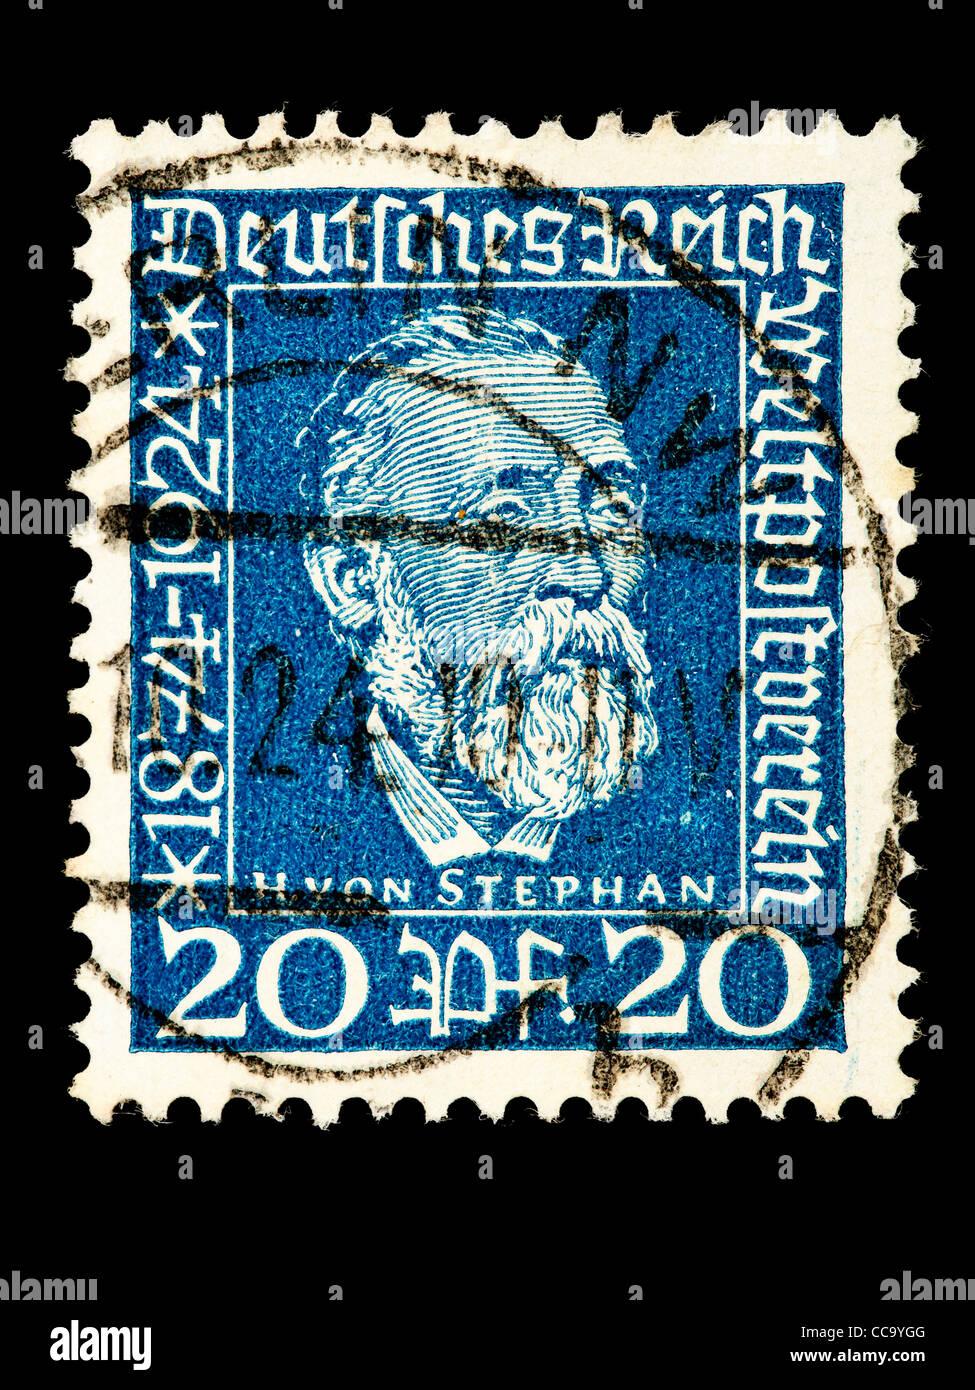 Postage stamp: German Reich, H. v. Stephan, Weltpostverein, 20 Pfennig, 1924, stamped Stock Photo